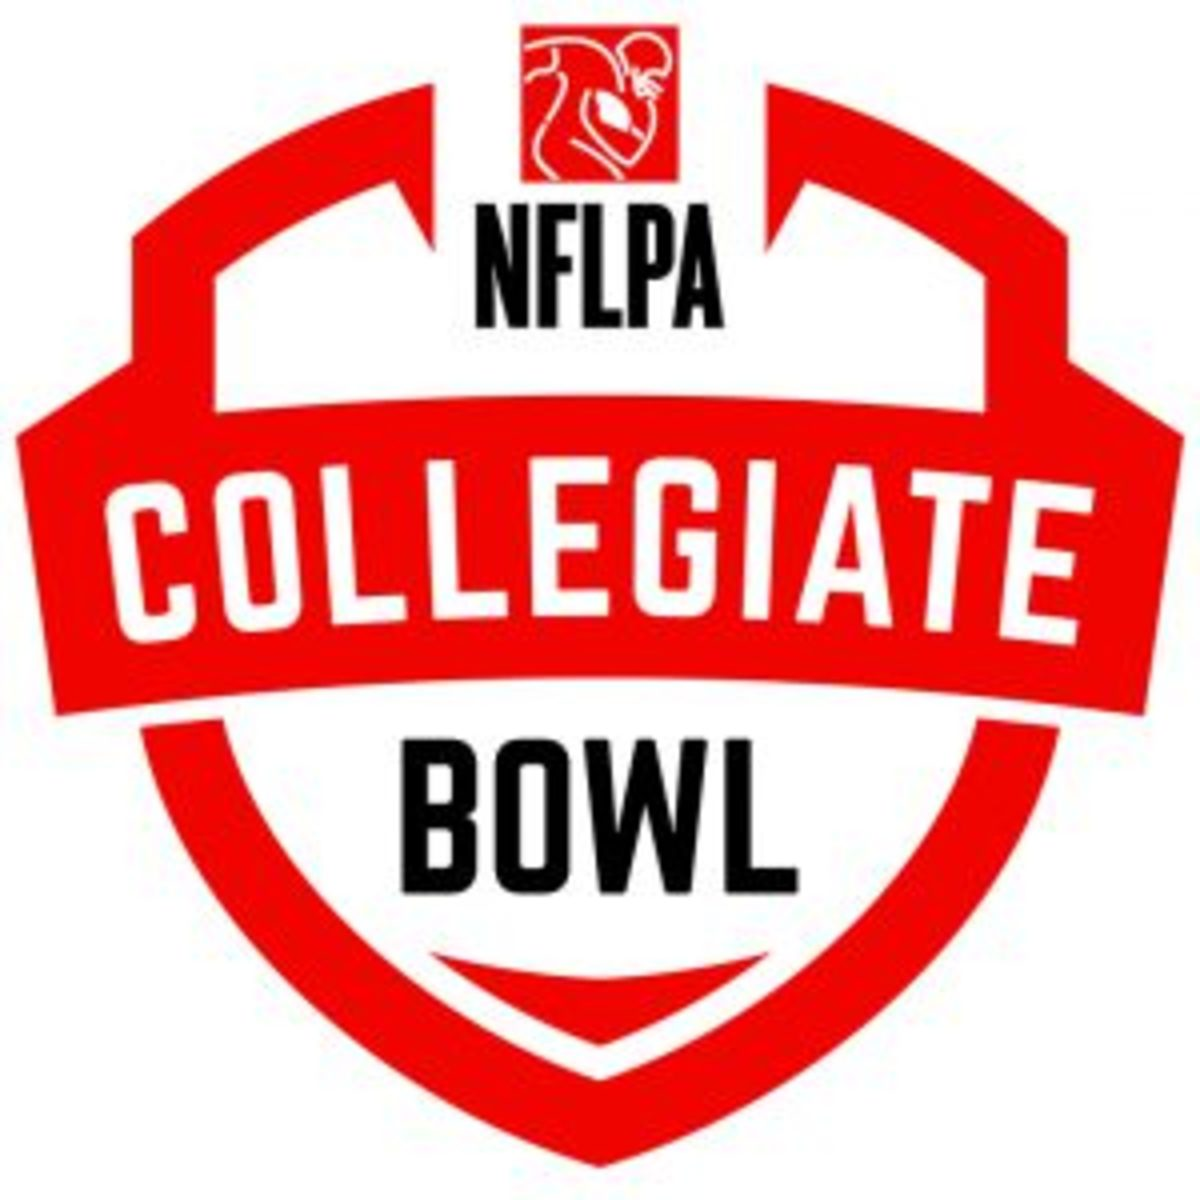 nflpa bowl